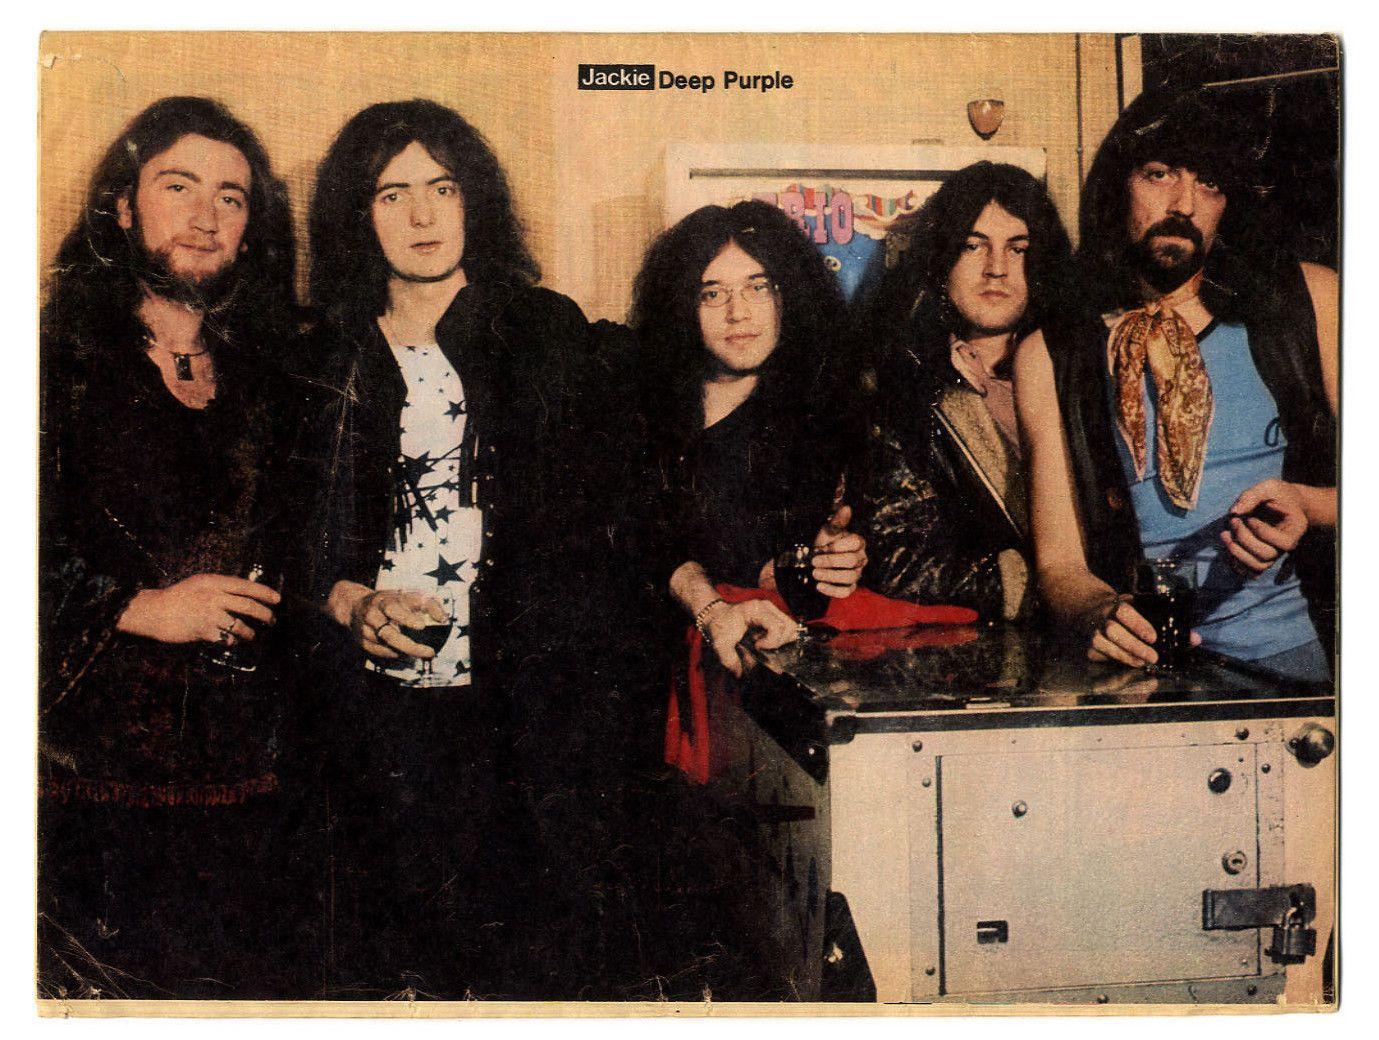 DEEP PURPLE - JACKIE - 1 MAY 1971* | Deep purple, Purple, Jon lord